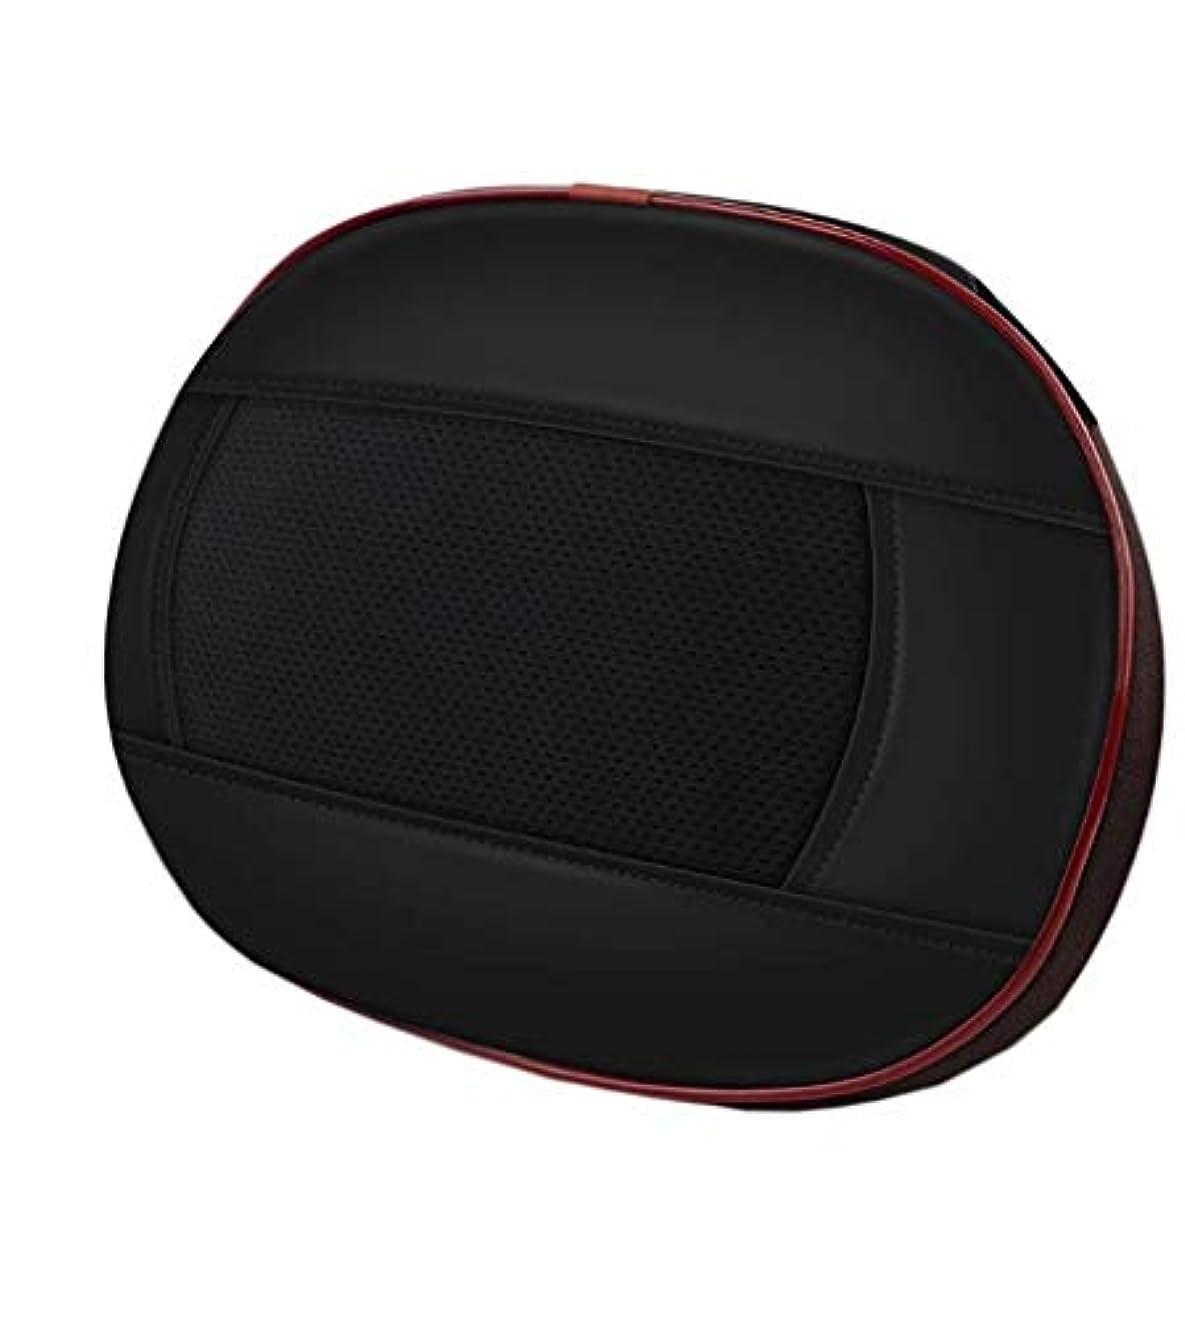 電話小間対称ネックマッサージャー、フィンガープレスネックマッサージピロー、多機能マッサージモード、スマートボタン、20強度、15分のタイミング、ホームオフィス用